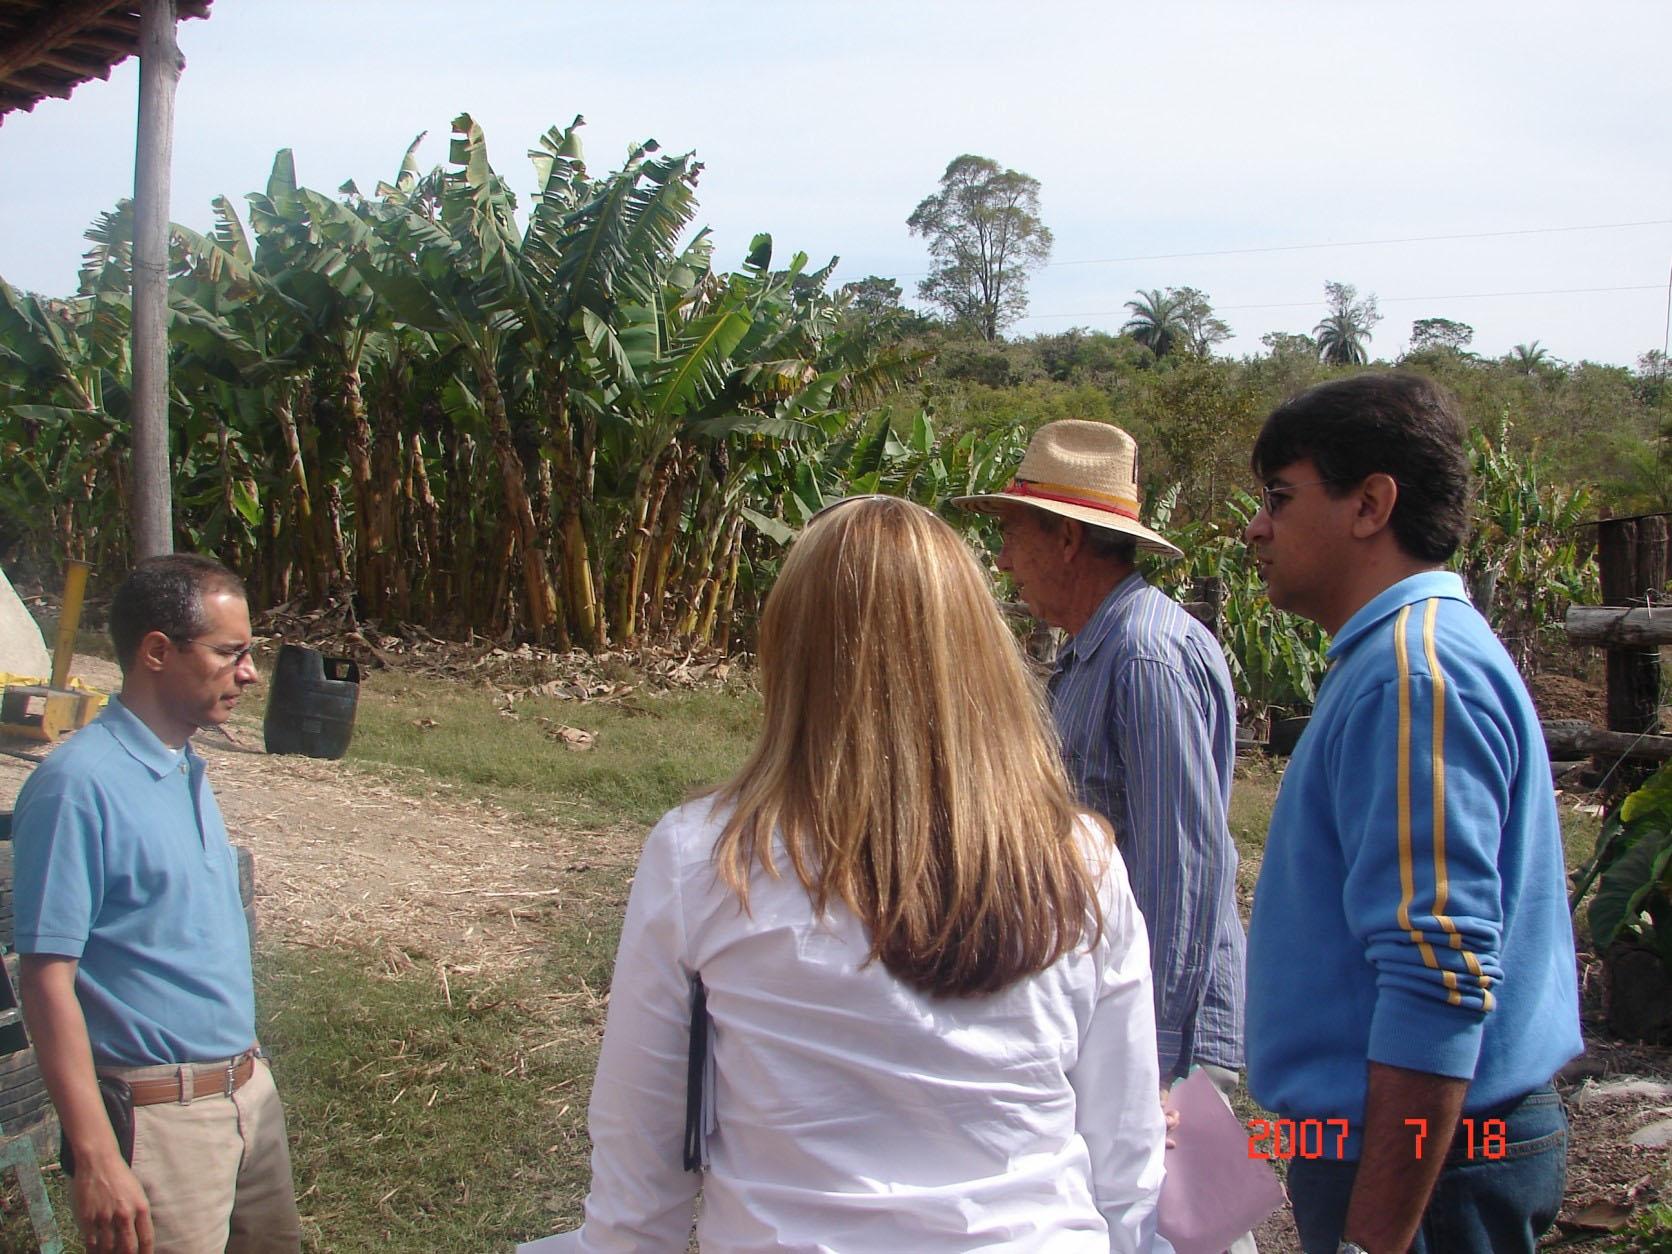 Brazil-Mission-Trip-07-13-2007-330